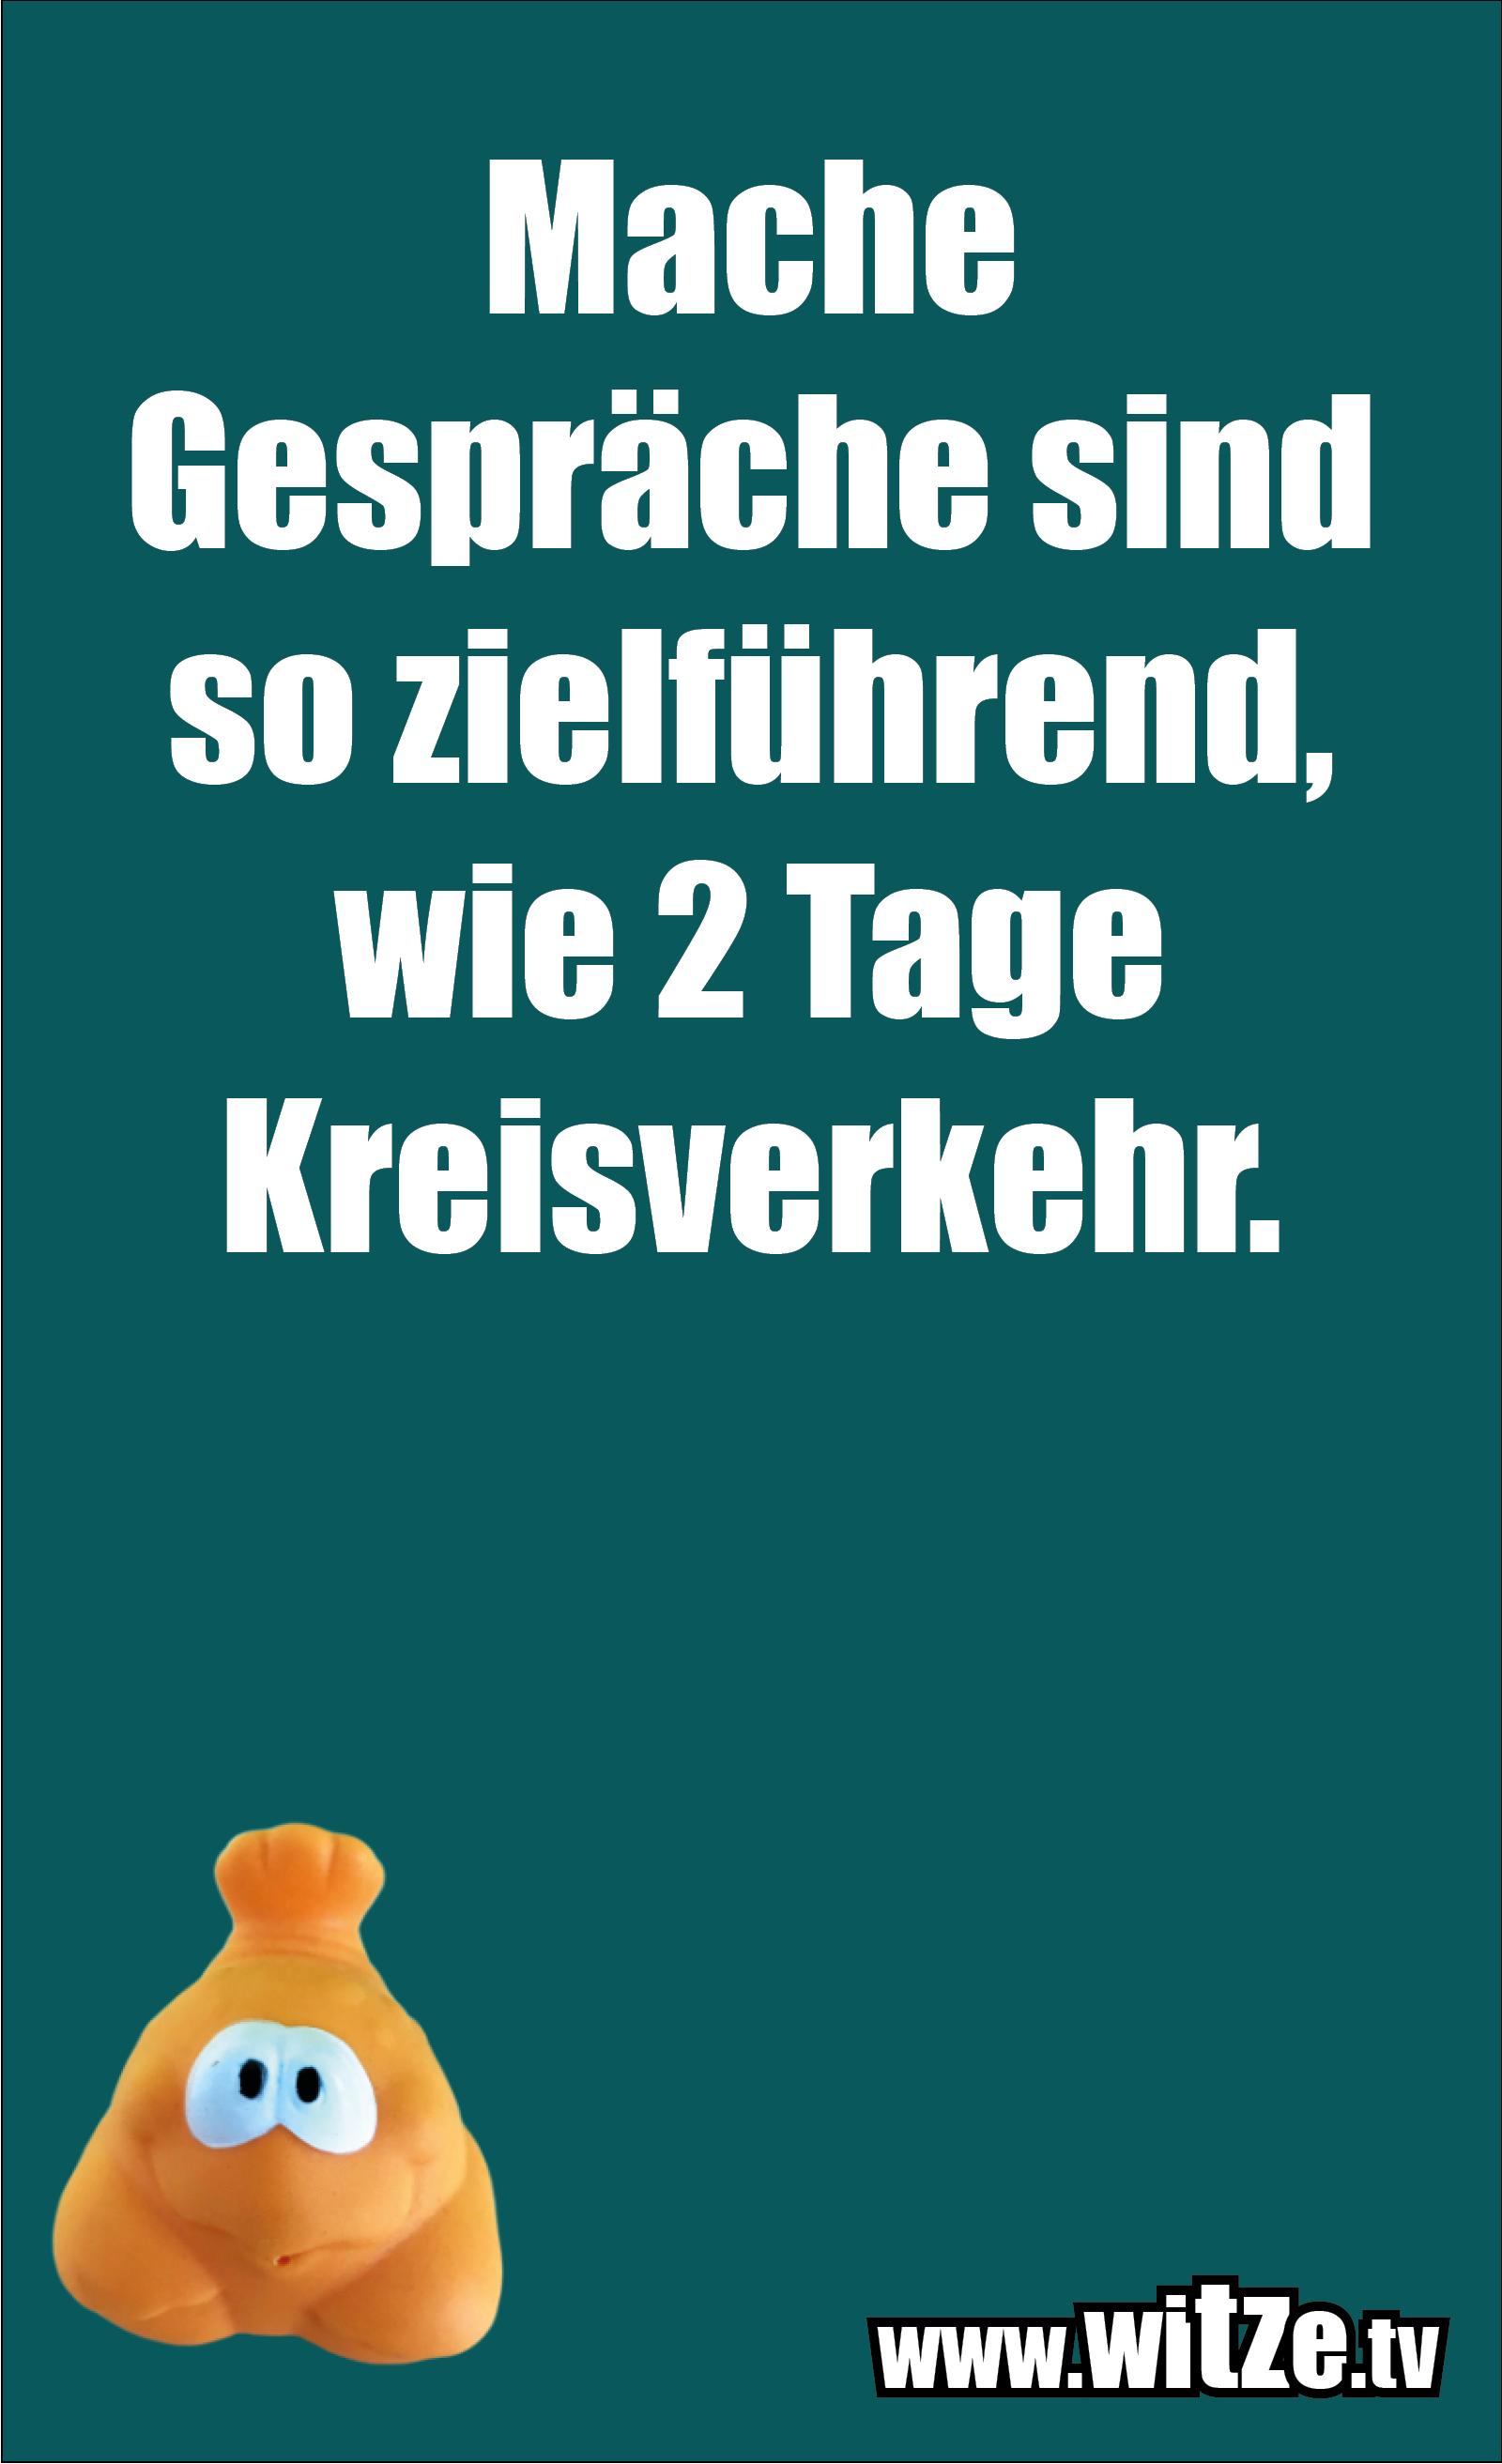 Sarkasmus Sprüche: Manche Gespräche sind so zielführend, wie 2 Tage Kreisverkehr.